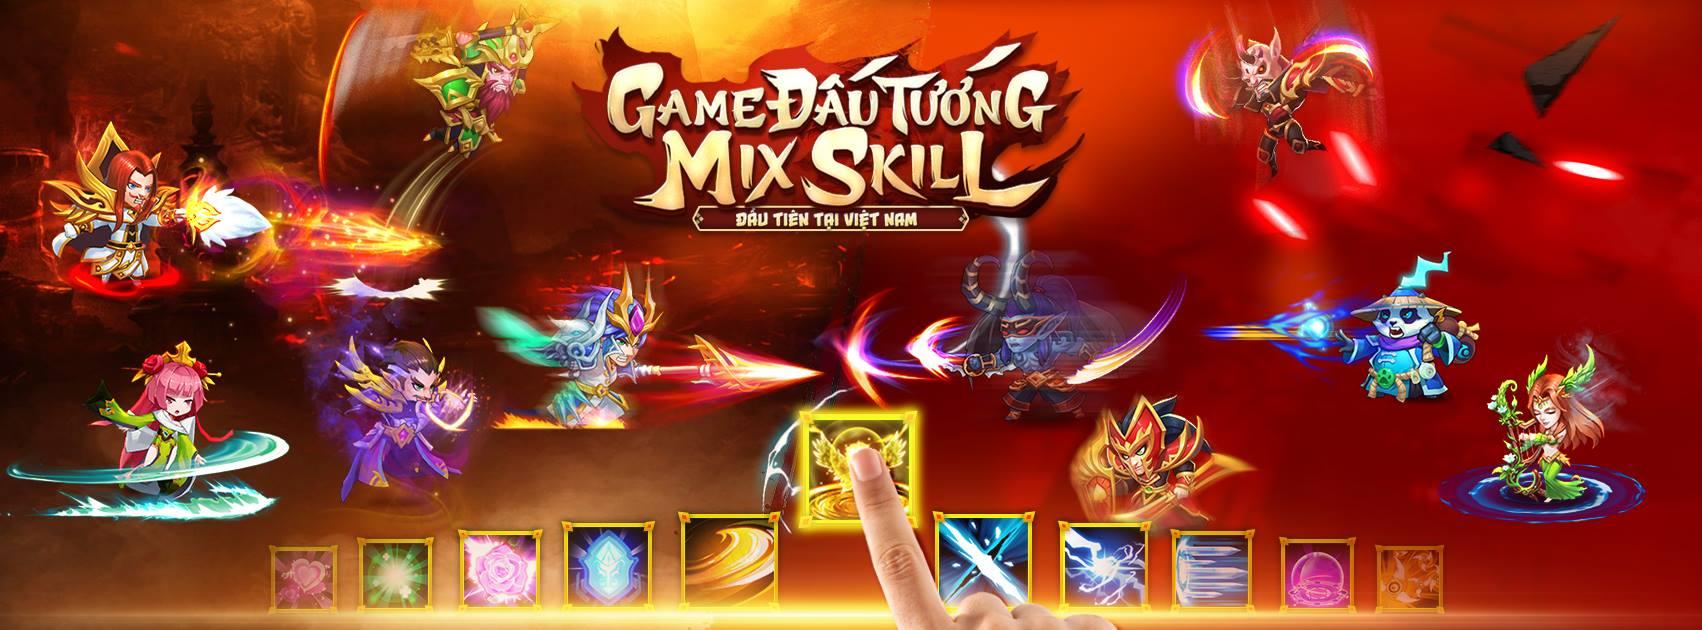 MT Tam Quốc - DotA Truyền Kỳ 2 tiếp tục làm mới sau gần một tháng ra mắt làng game Việt 2